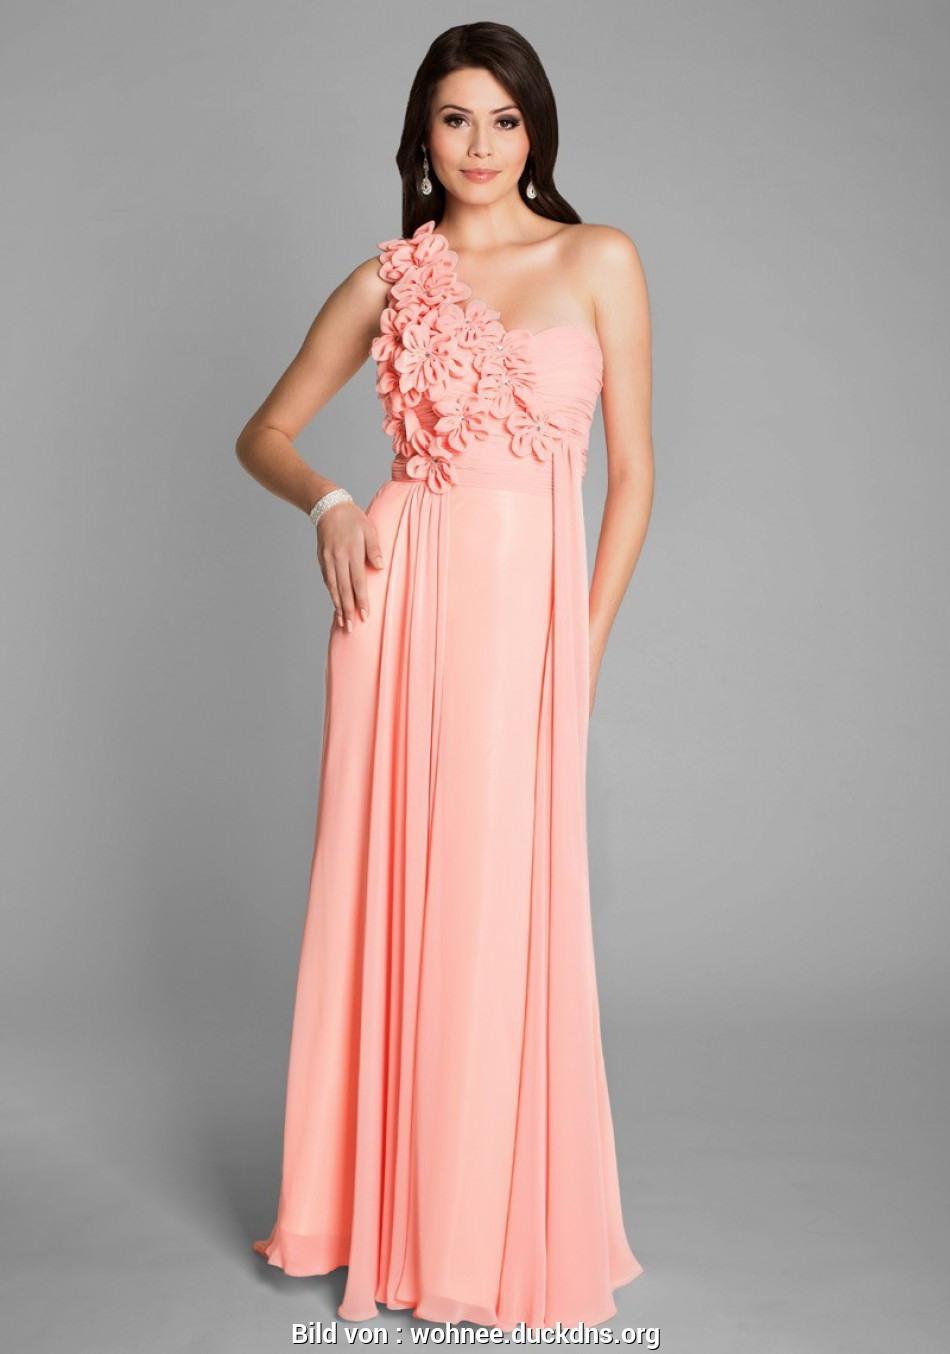 15 Luxus Apricot Abendkleid Vertrieb17 Großartig Apricot Abendkleid Ärmel